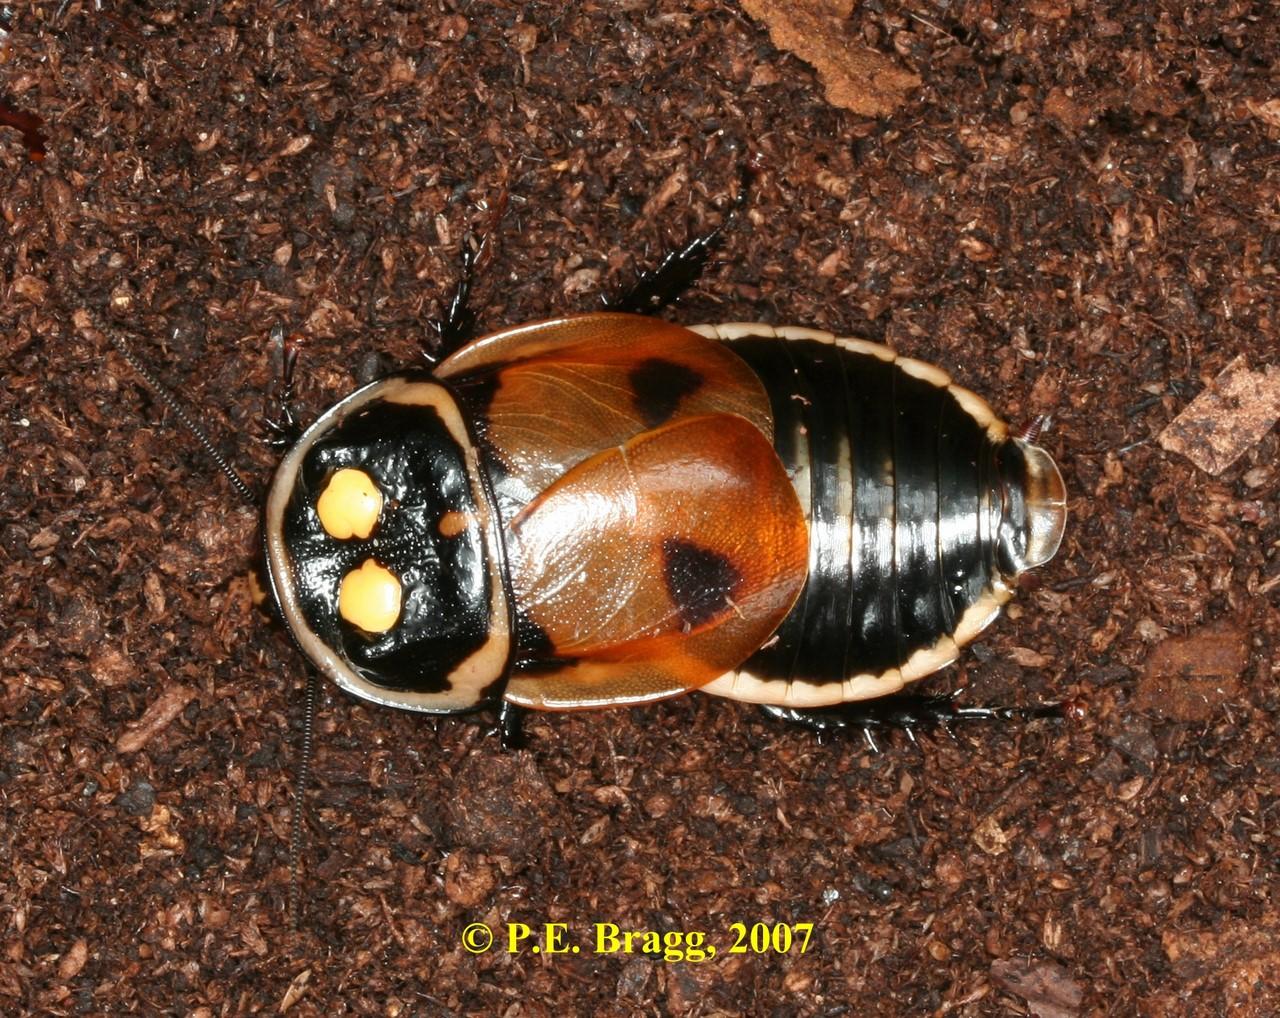 Светящийся таракан насекомых, тараканов, светящихся, тараканы, luckae, таракан, видов, только, среди, Ученые, обнаружили, явление, встречается, новый, вспомнить, которые, животных, Lucihormetica, наземных, используют